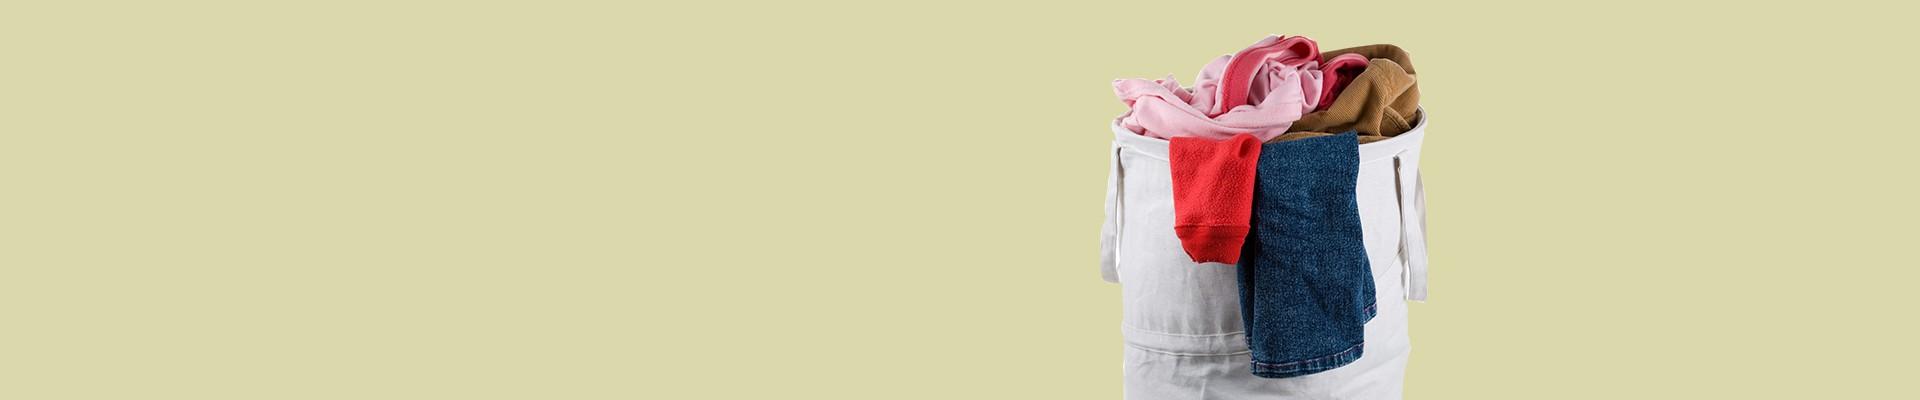 Jual Keranjang Baju / Laundry Bag Terbaik